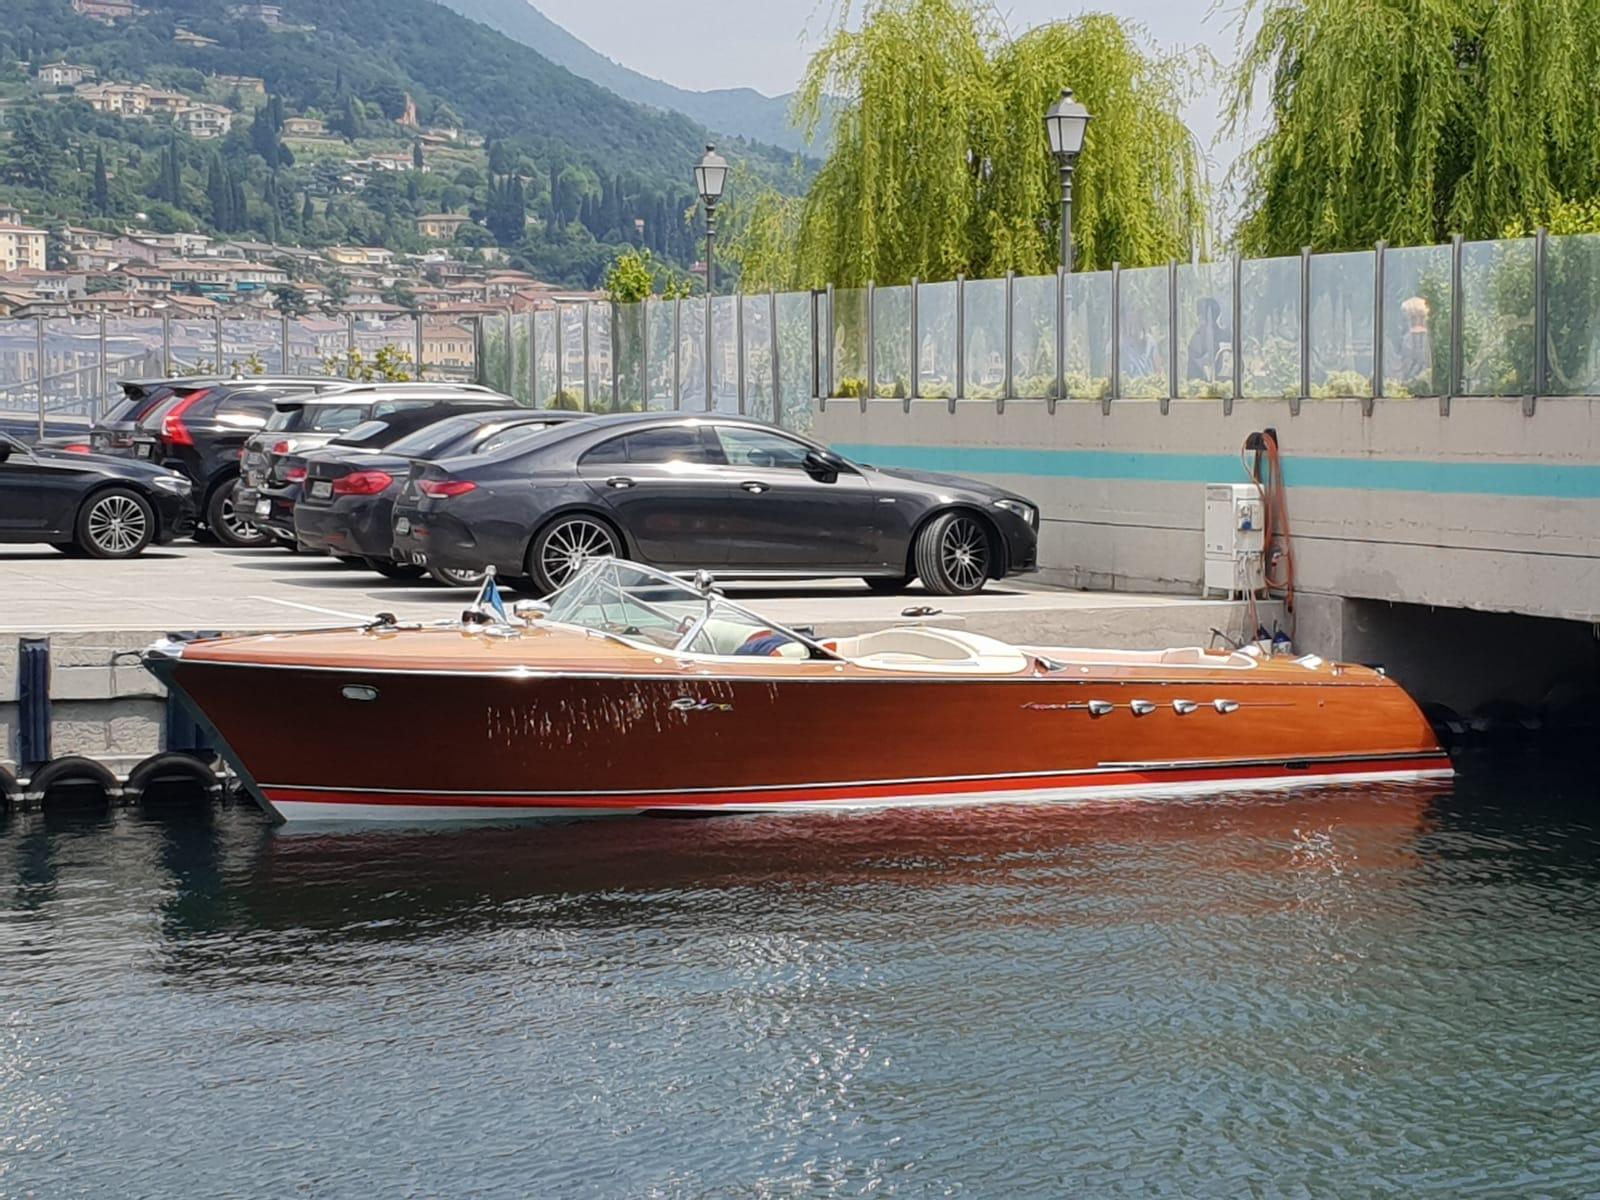 The Riva Aquarama: nautical legend